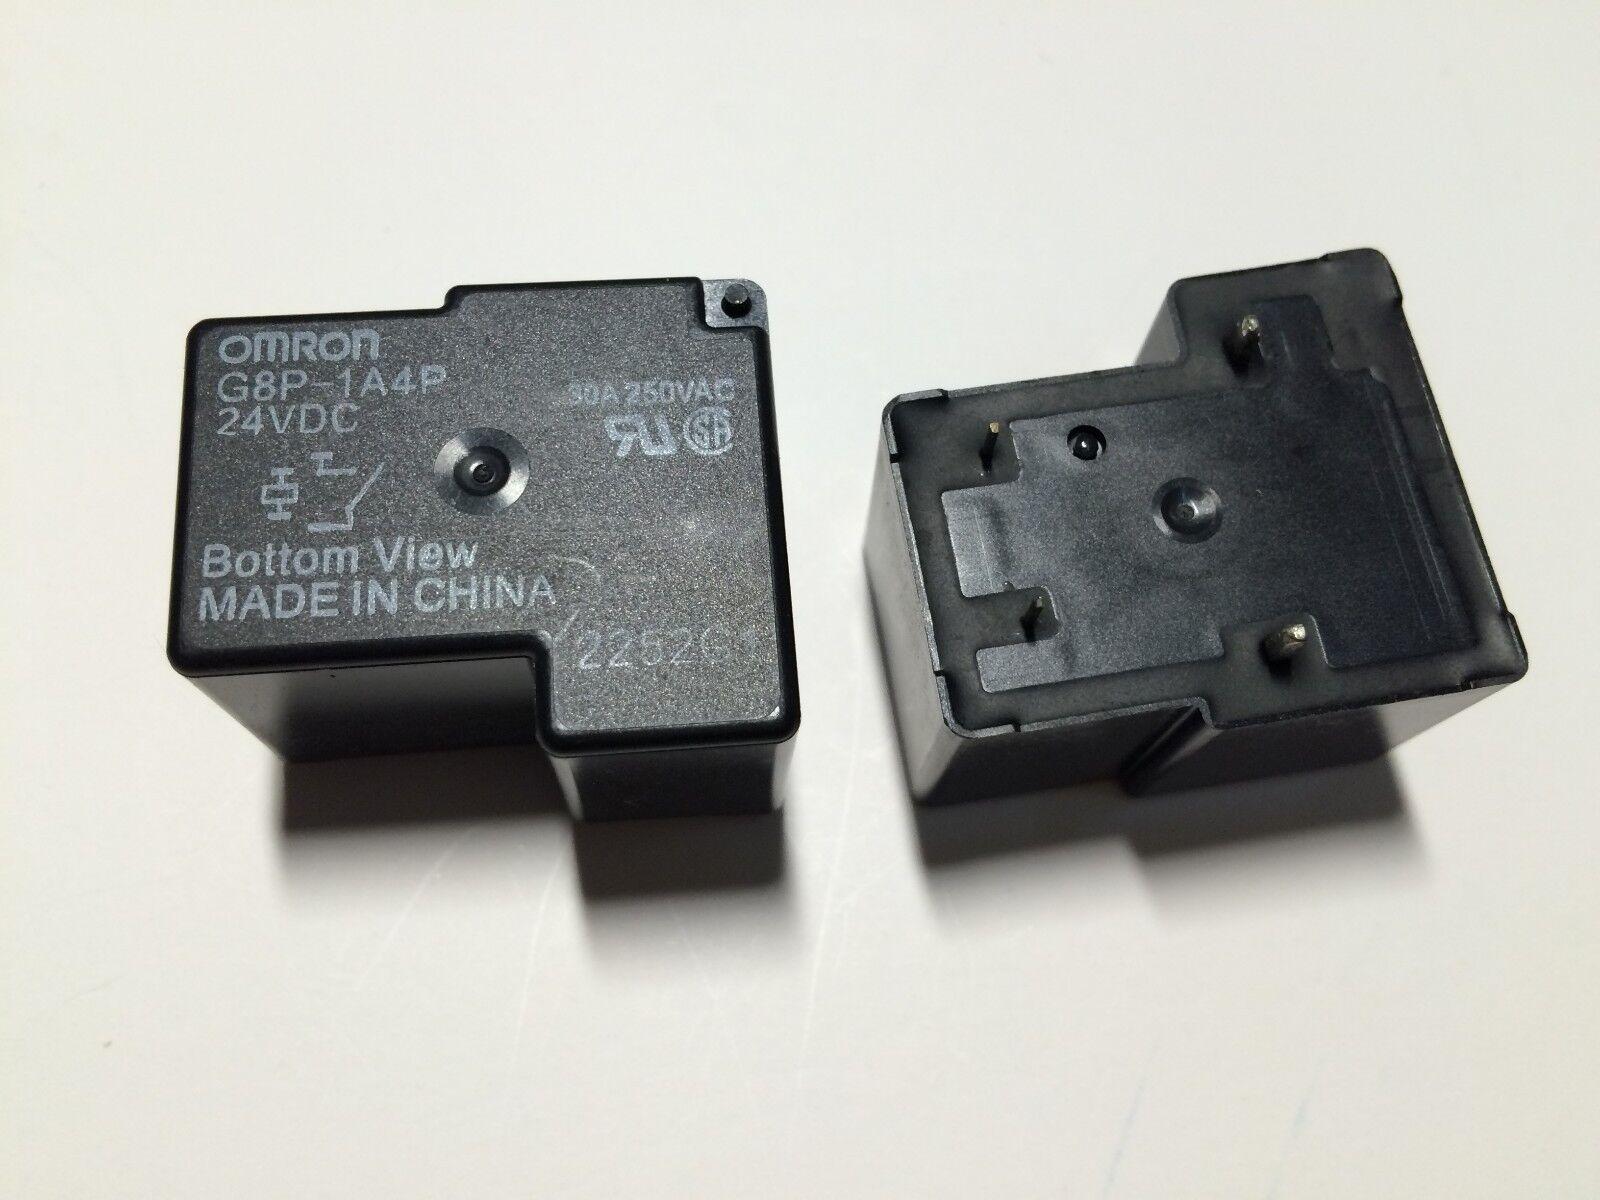 1PCS ORIGINAL G8P-1A4TP-24VDC  OMRON Relay NEW